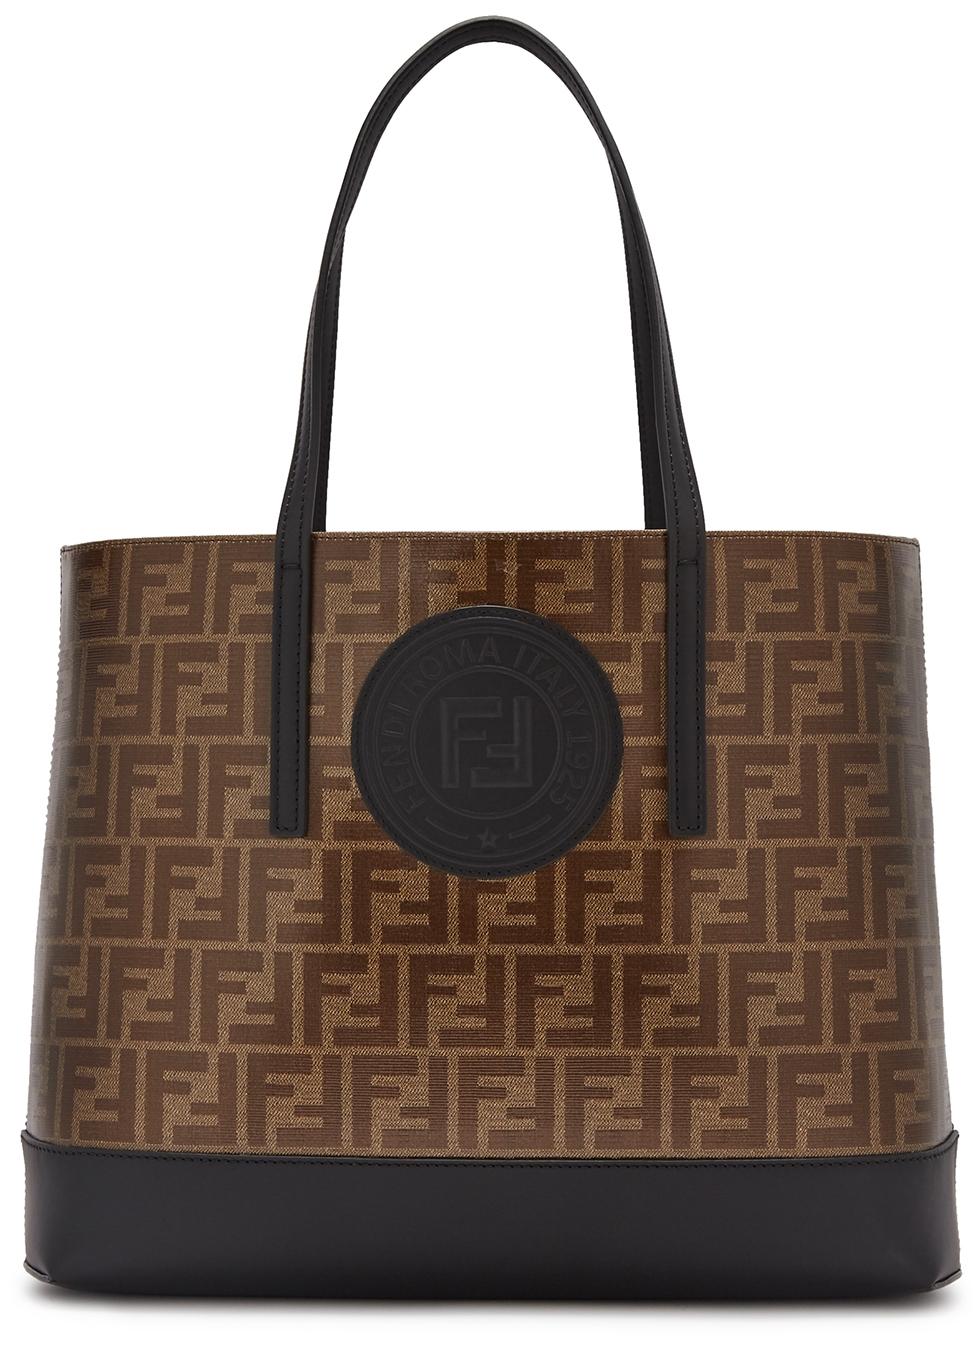 b9d8720524904 Women s Designer Tote Bags - Leather   Canvas - Harvey Nichols